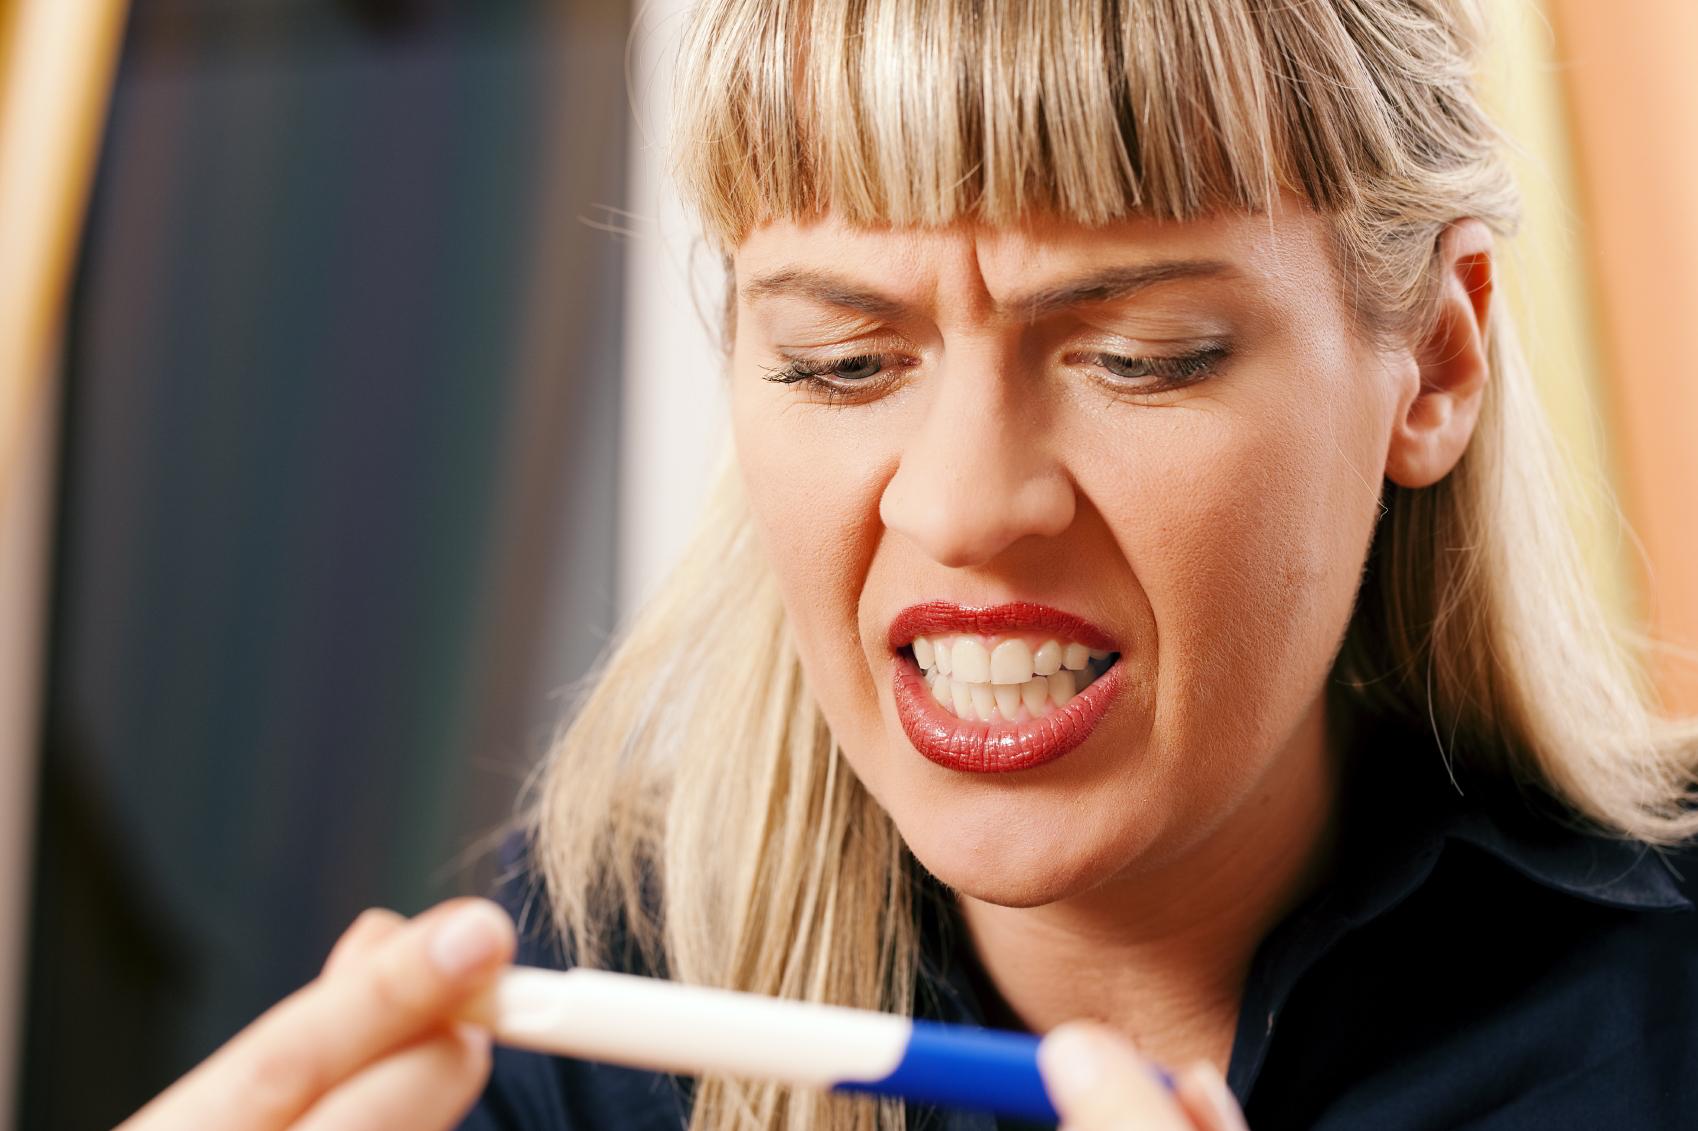 Kan man forlange at lægen tager en blodprøve der kan vise en graviditet?